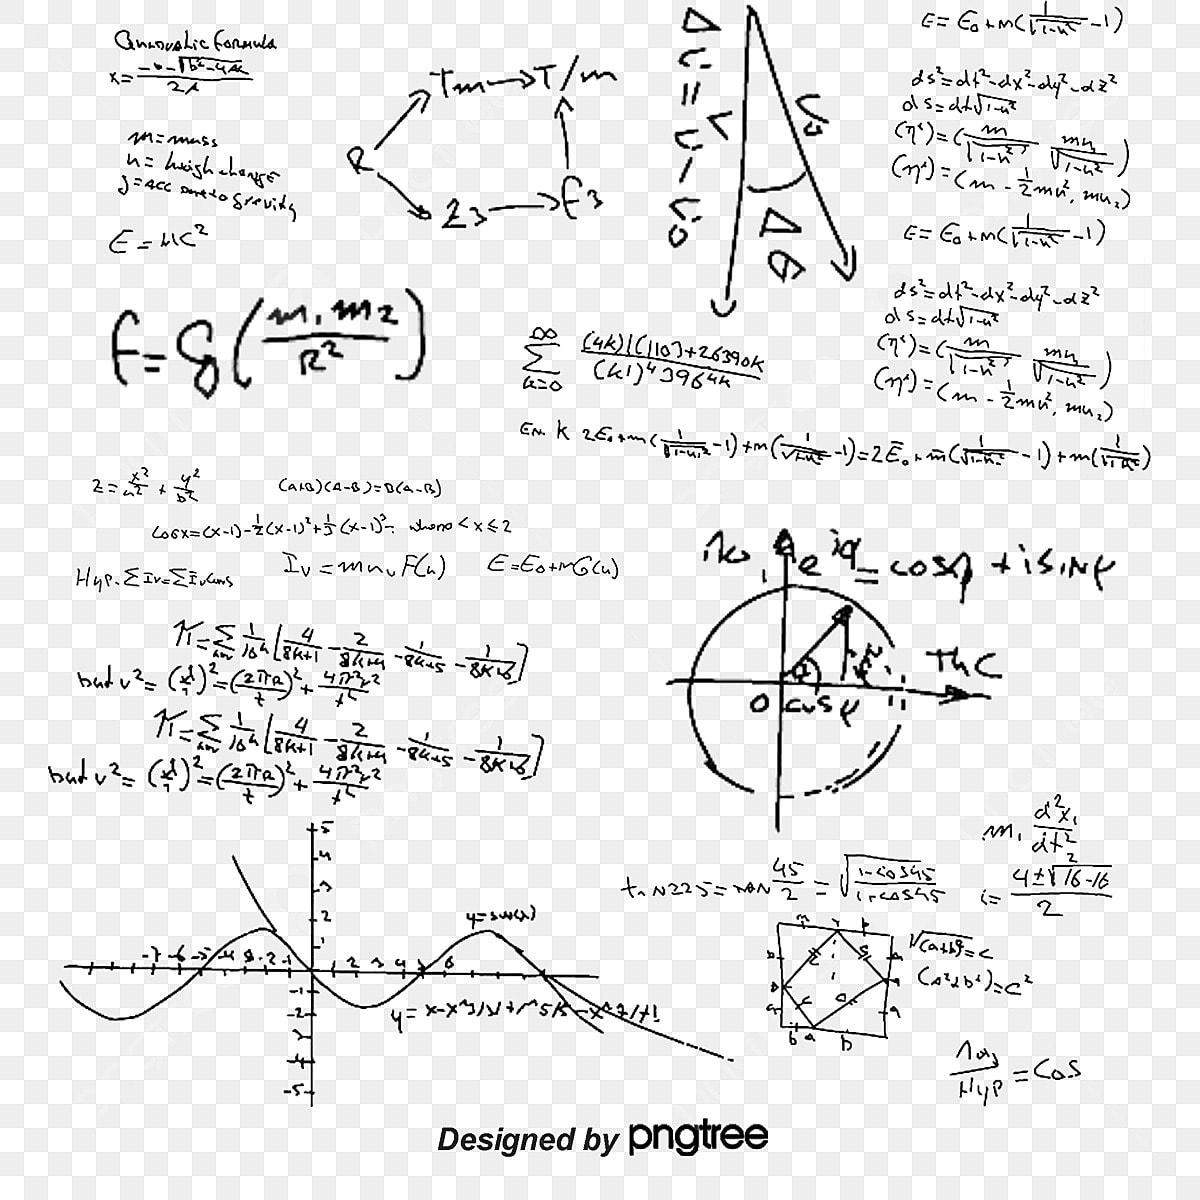 数学の公式と図案を漂う 漂う ベクトル 教育画像素材の無料